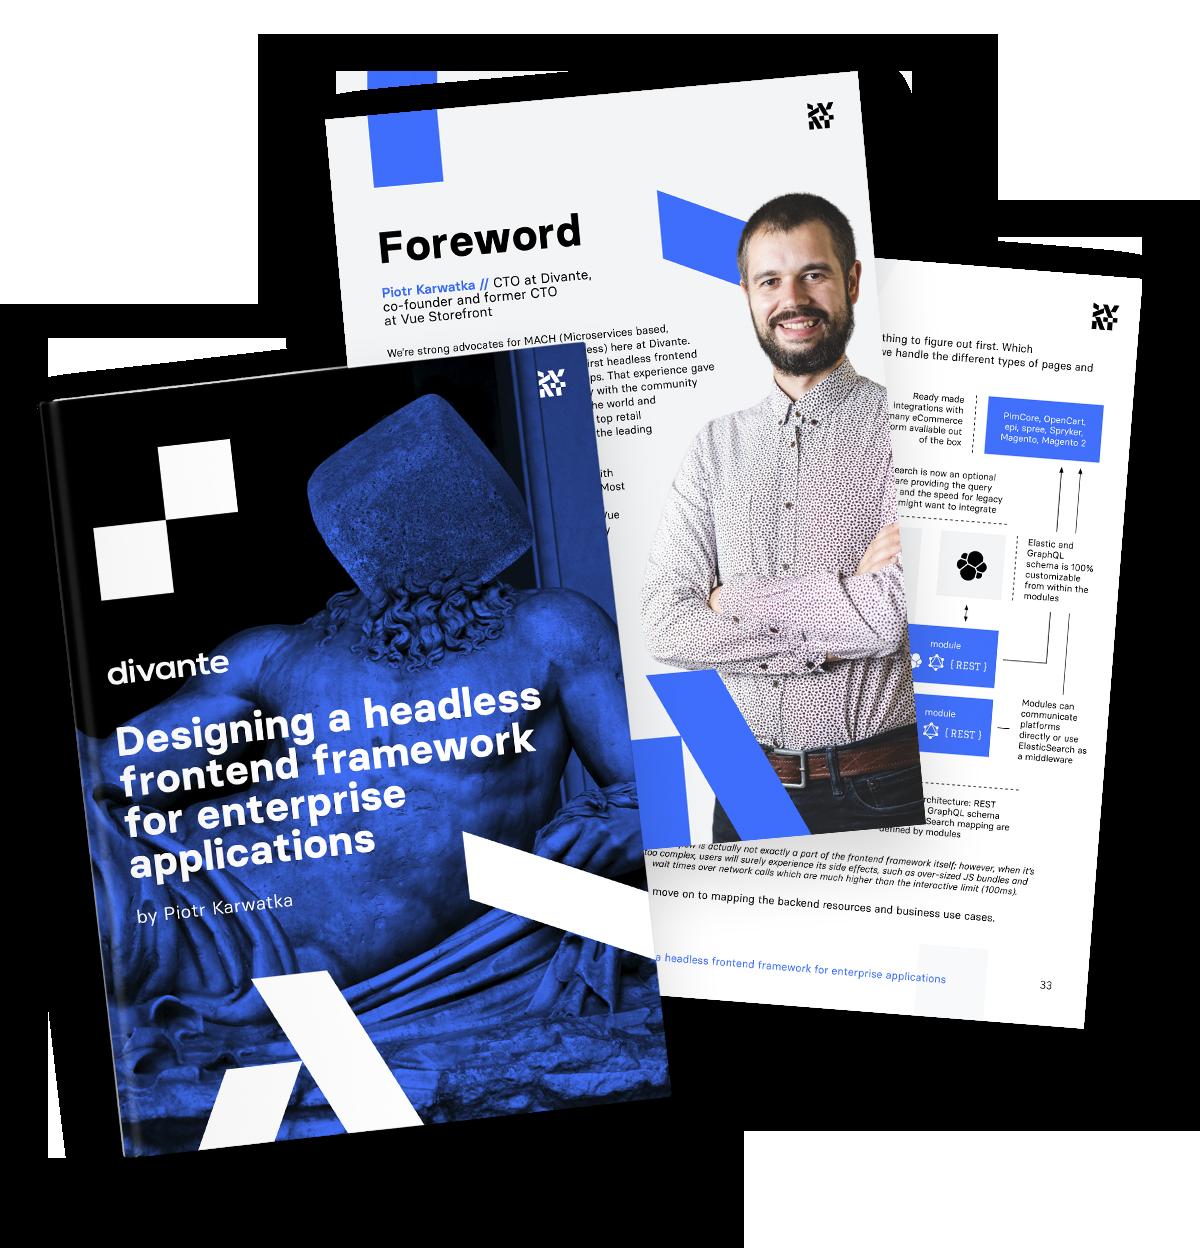 How do you build an enterprise-class headless frontend framework?